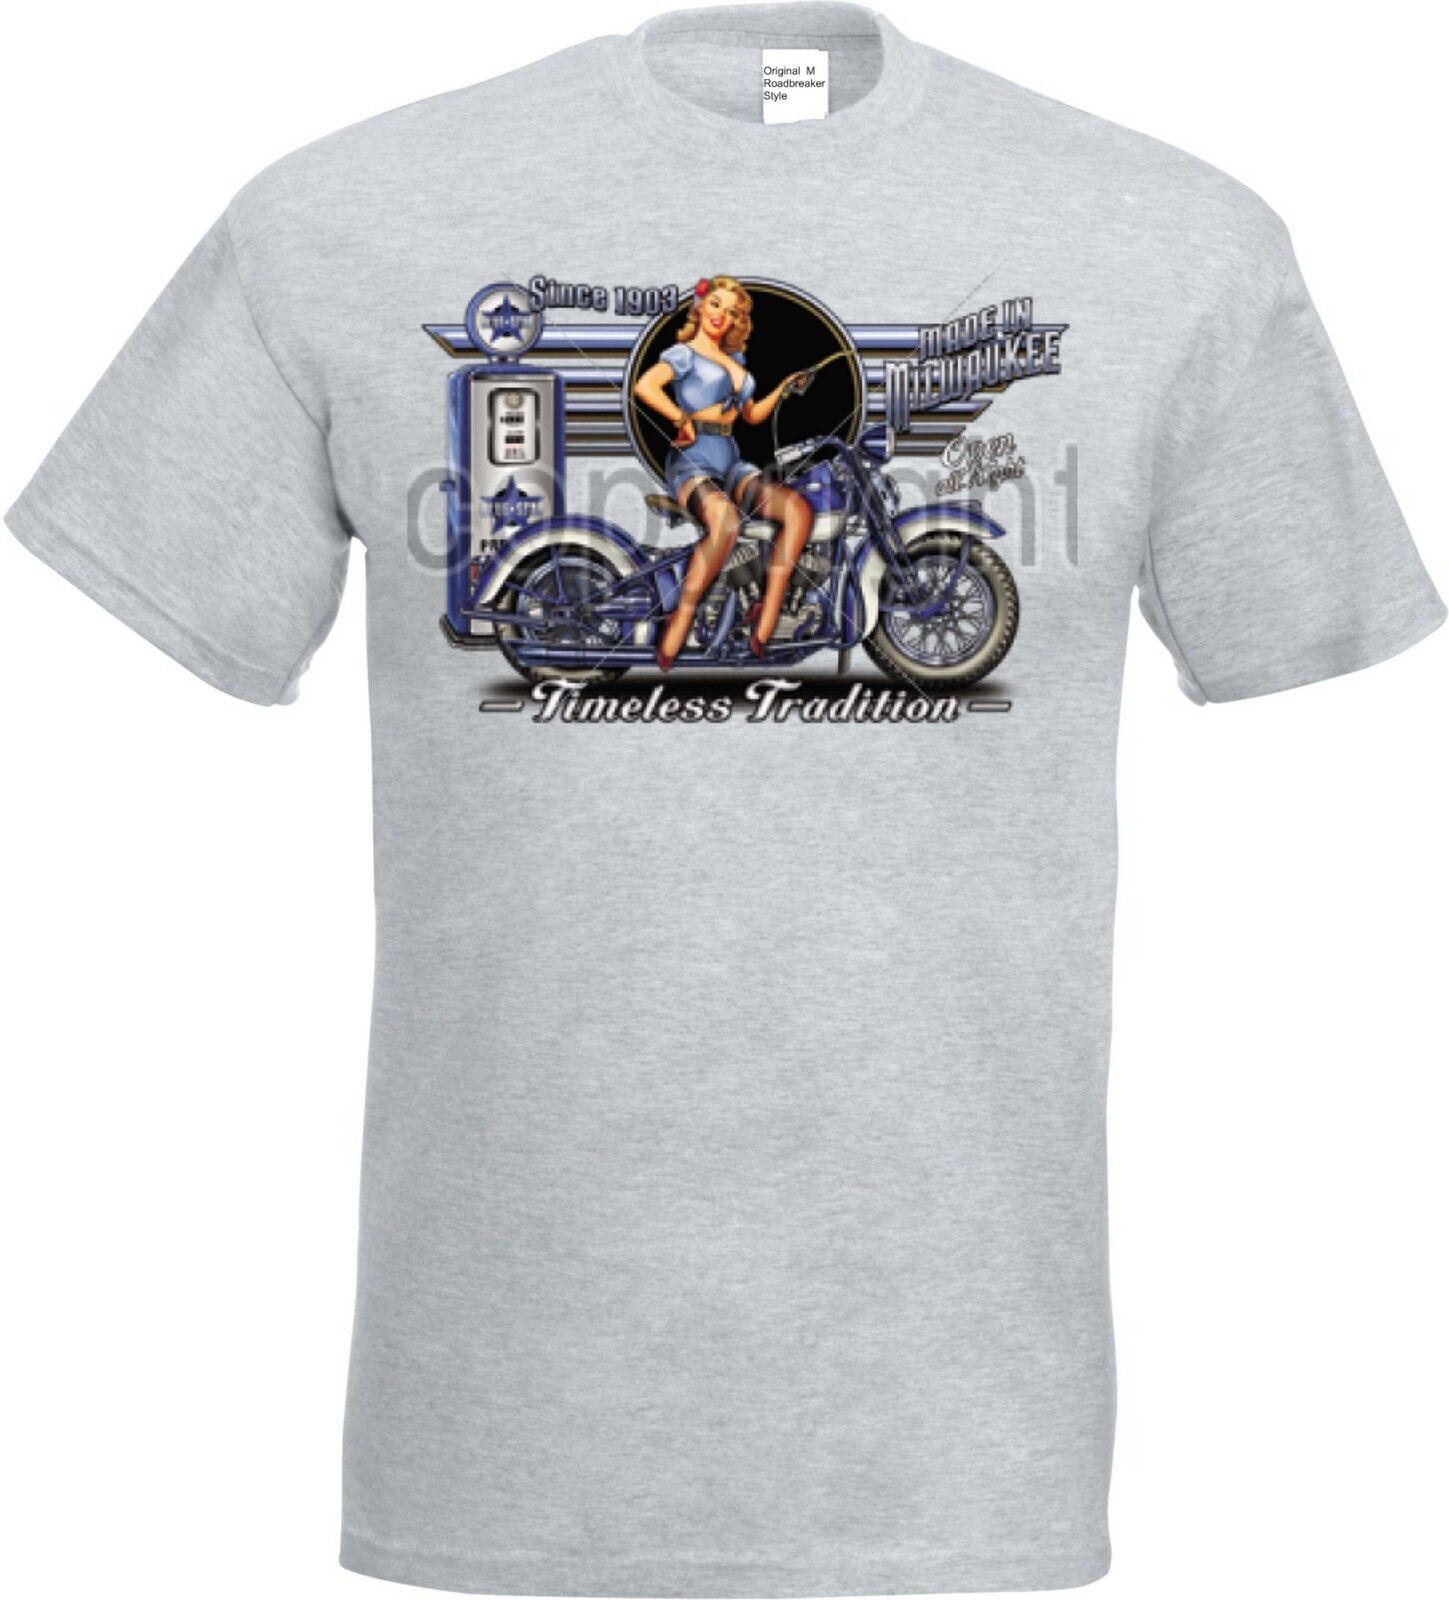 T shirt dans Ashton avec un motard-, Chopper, modèle - & Old schooldruck modèle Chopper, BLUE gaz st da5ac9